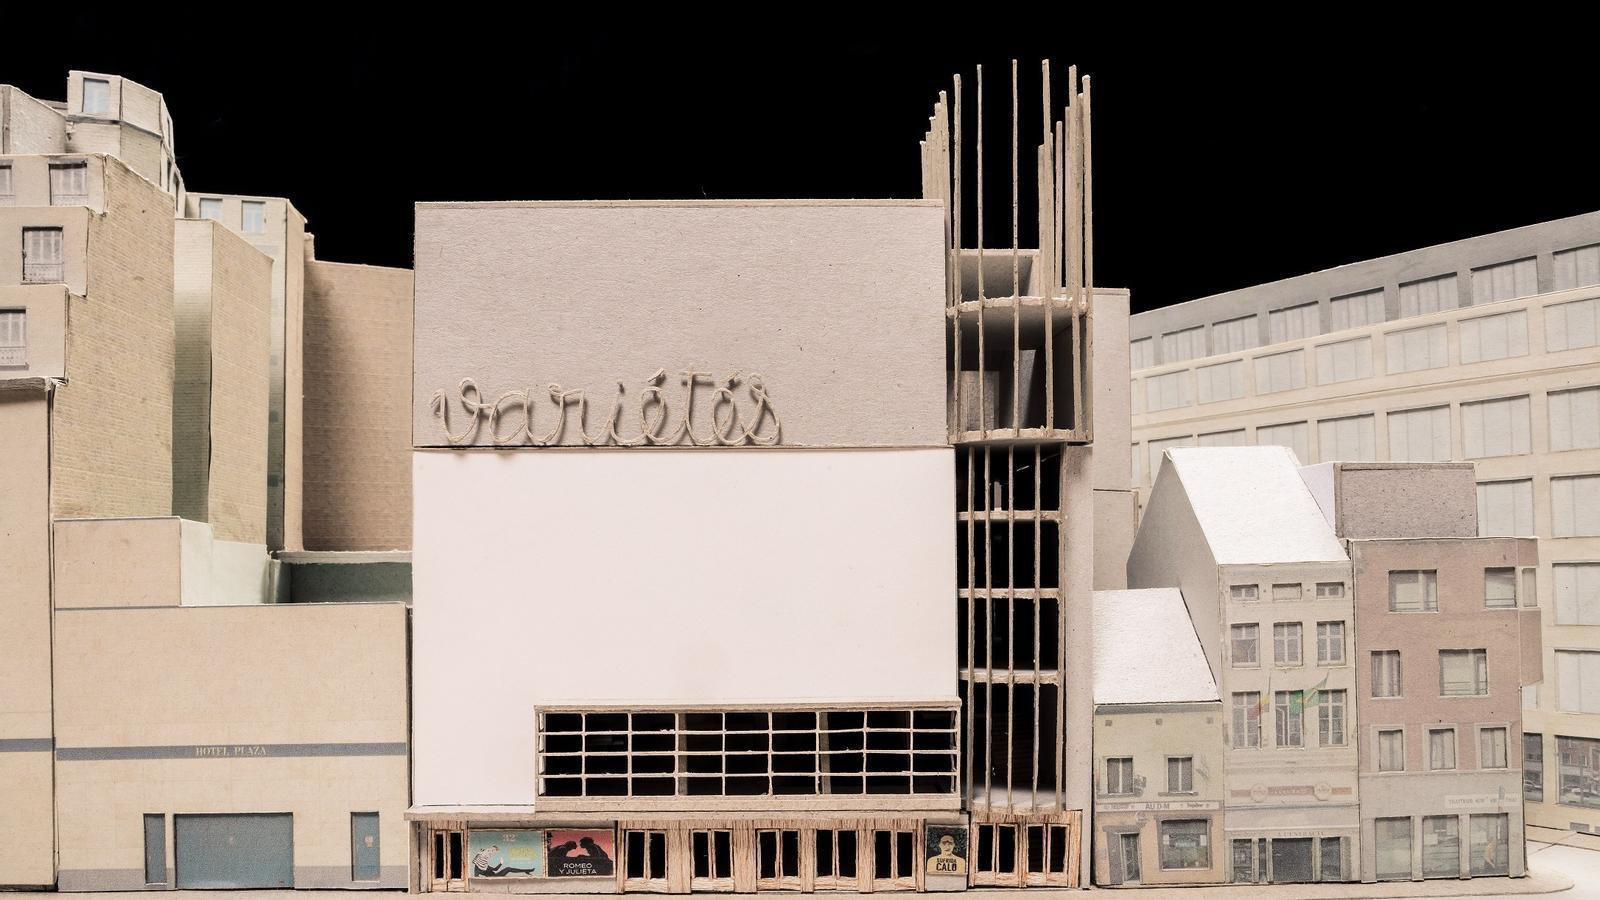 Façana del Théâtre des Variétés al carrer Malines